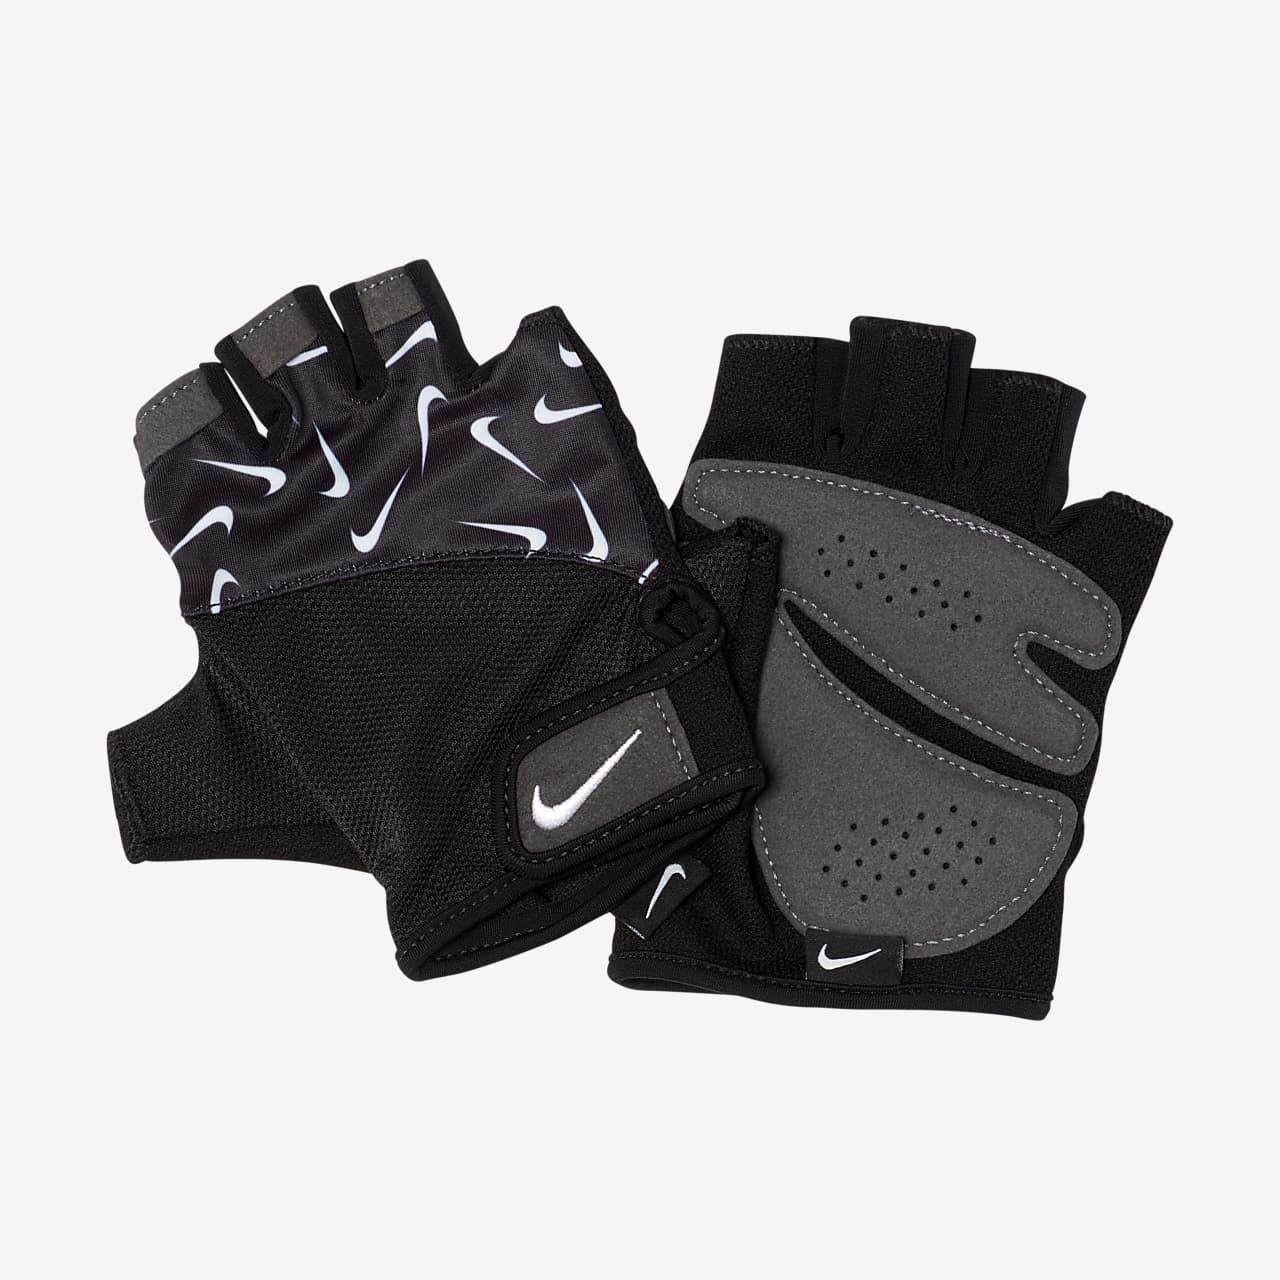 Nike Gym Elemental Guantes de entrenamiento con estampado - Mujer